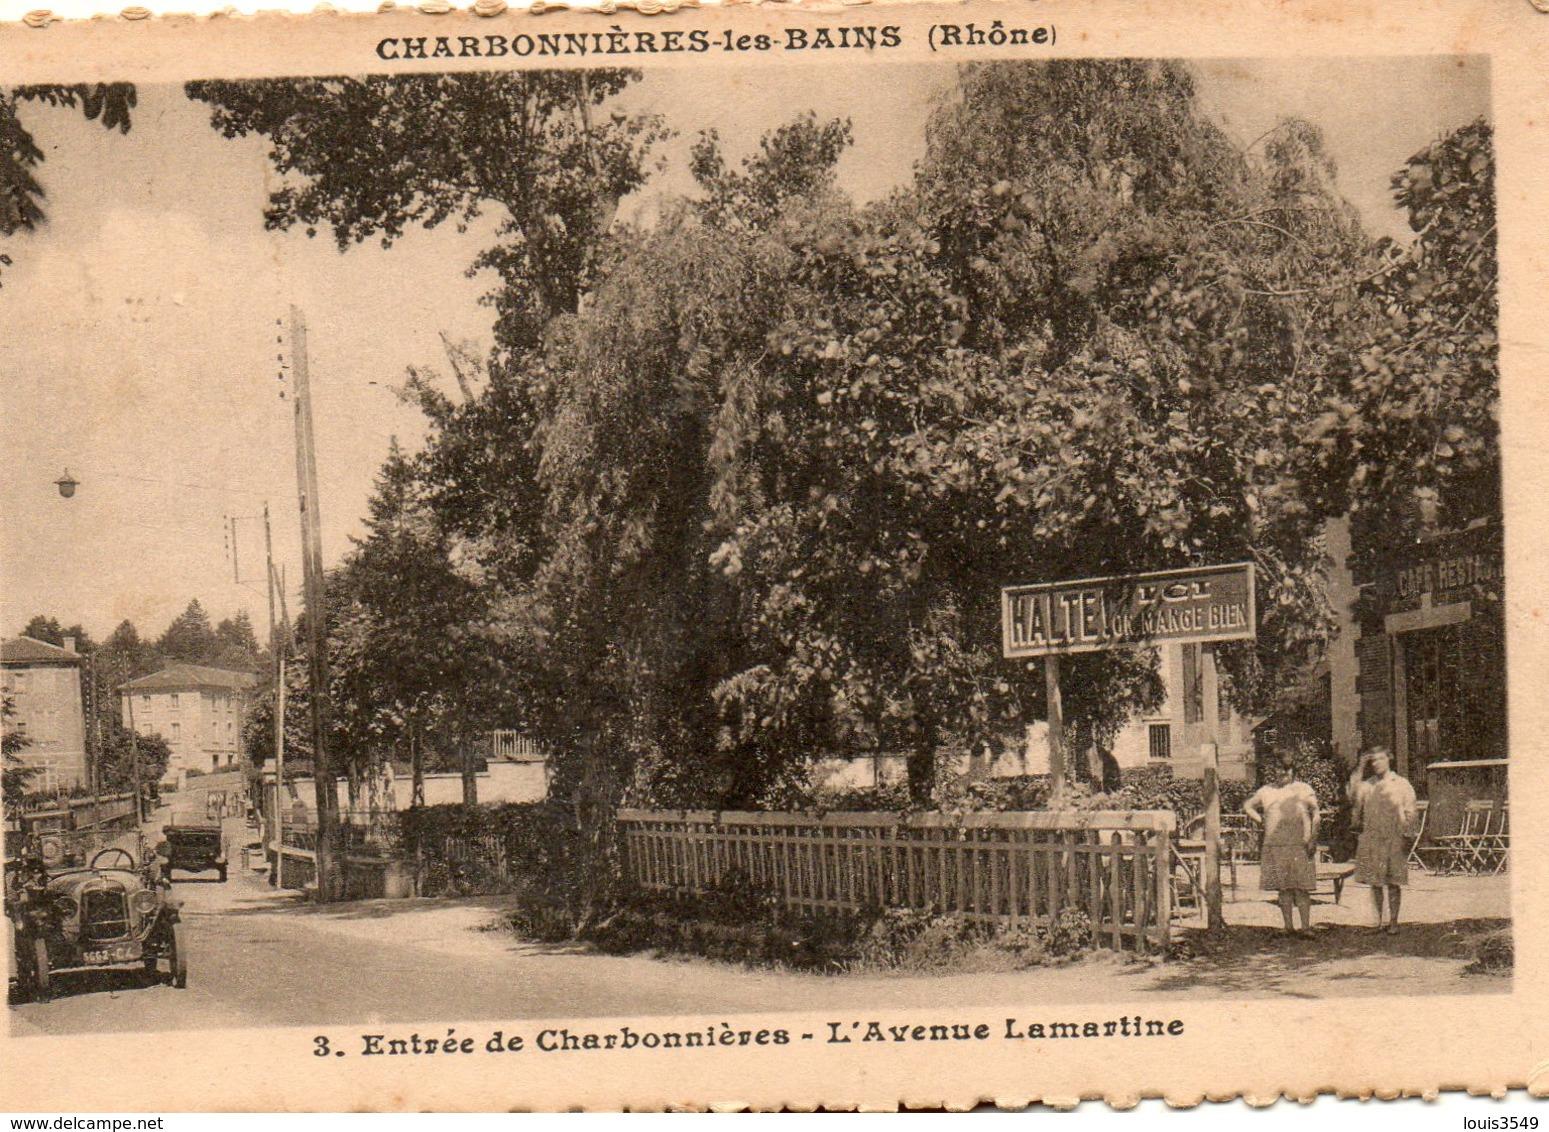 Charbonnières -  Les   Bains. -      Entrée  De  Charbonnières -   L' Avenue  Lamartine. - Charbonniere Les Bains